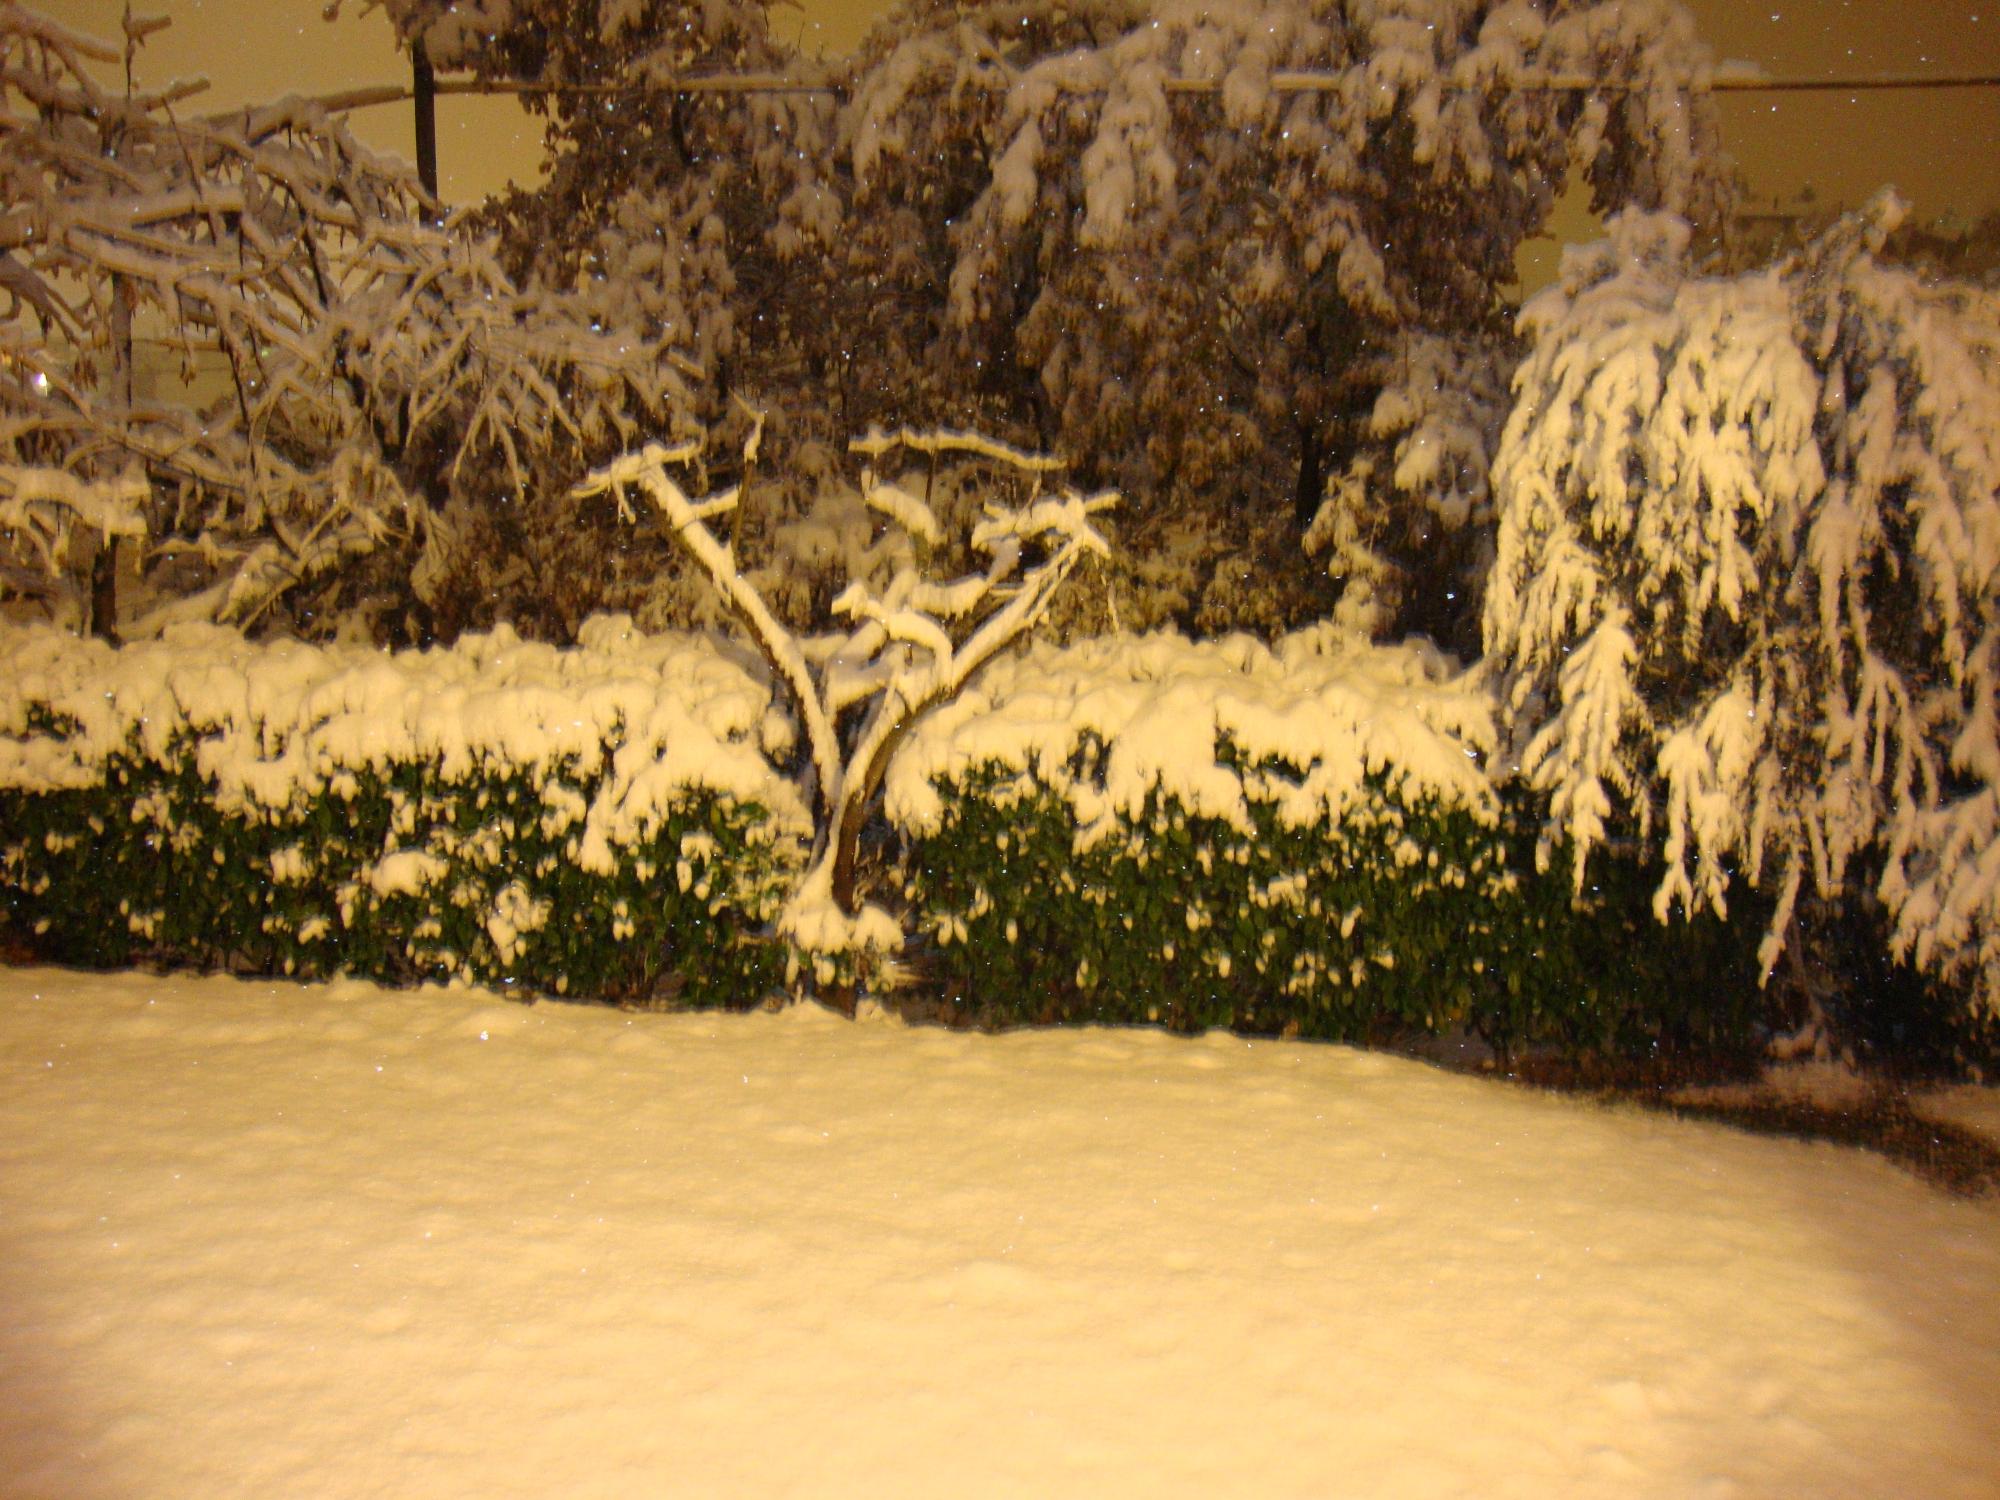 La magica doppietta del periodo 17/21 dicembre 2009 e 2010-1545171052315438.jpg